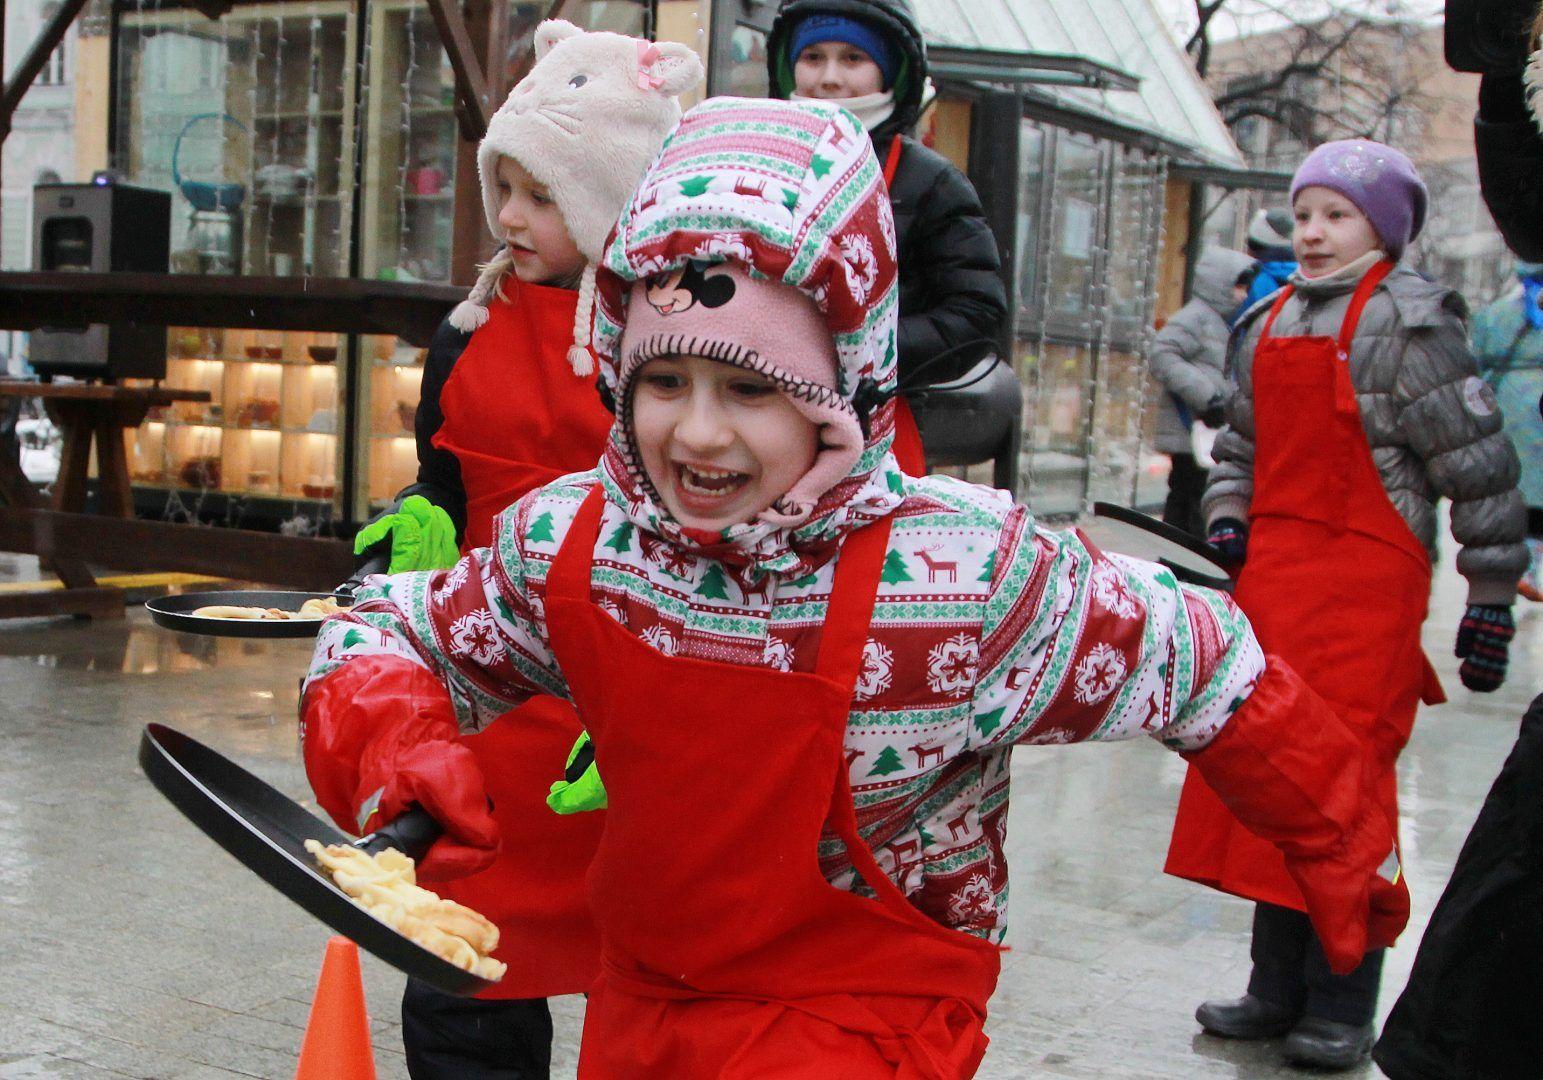 Масленицу отпразднуют в Премьерском лицее в Марушкинском. Фото: Наталия Нечаева